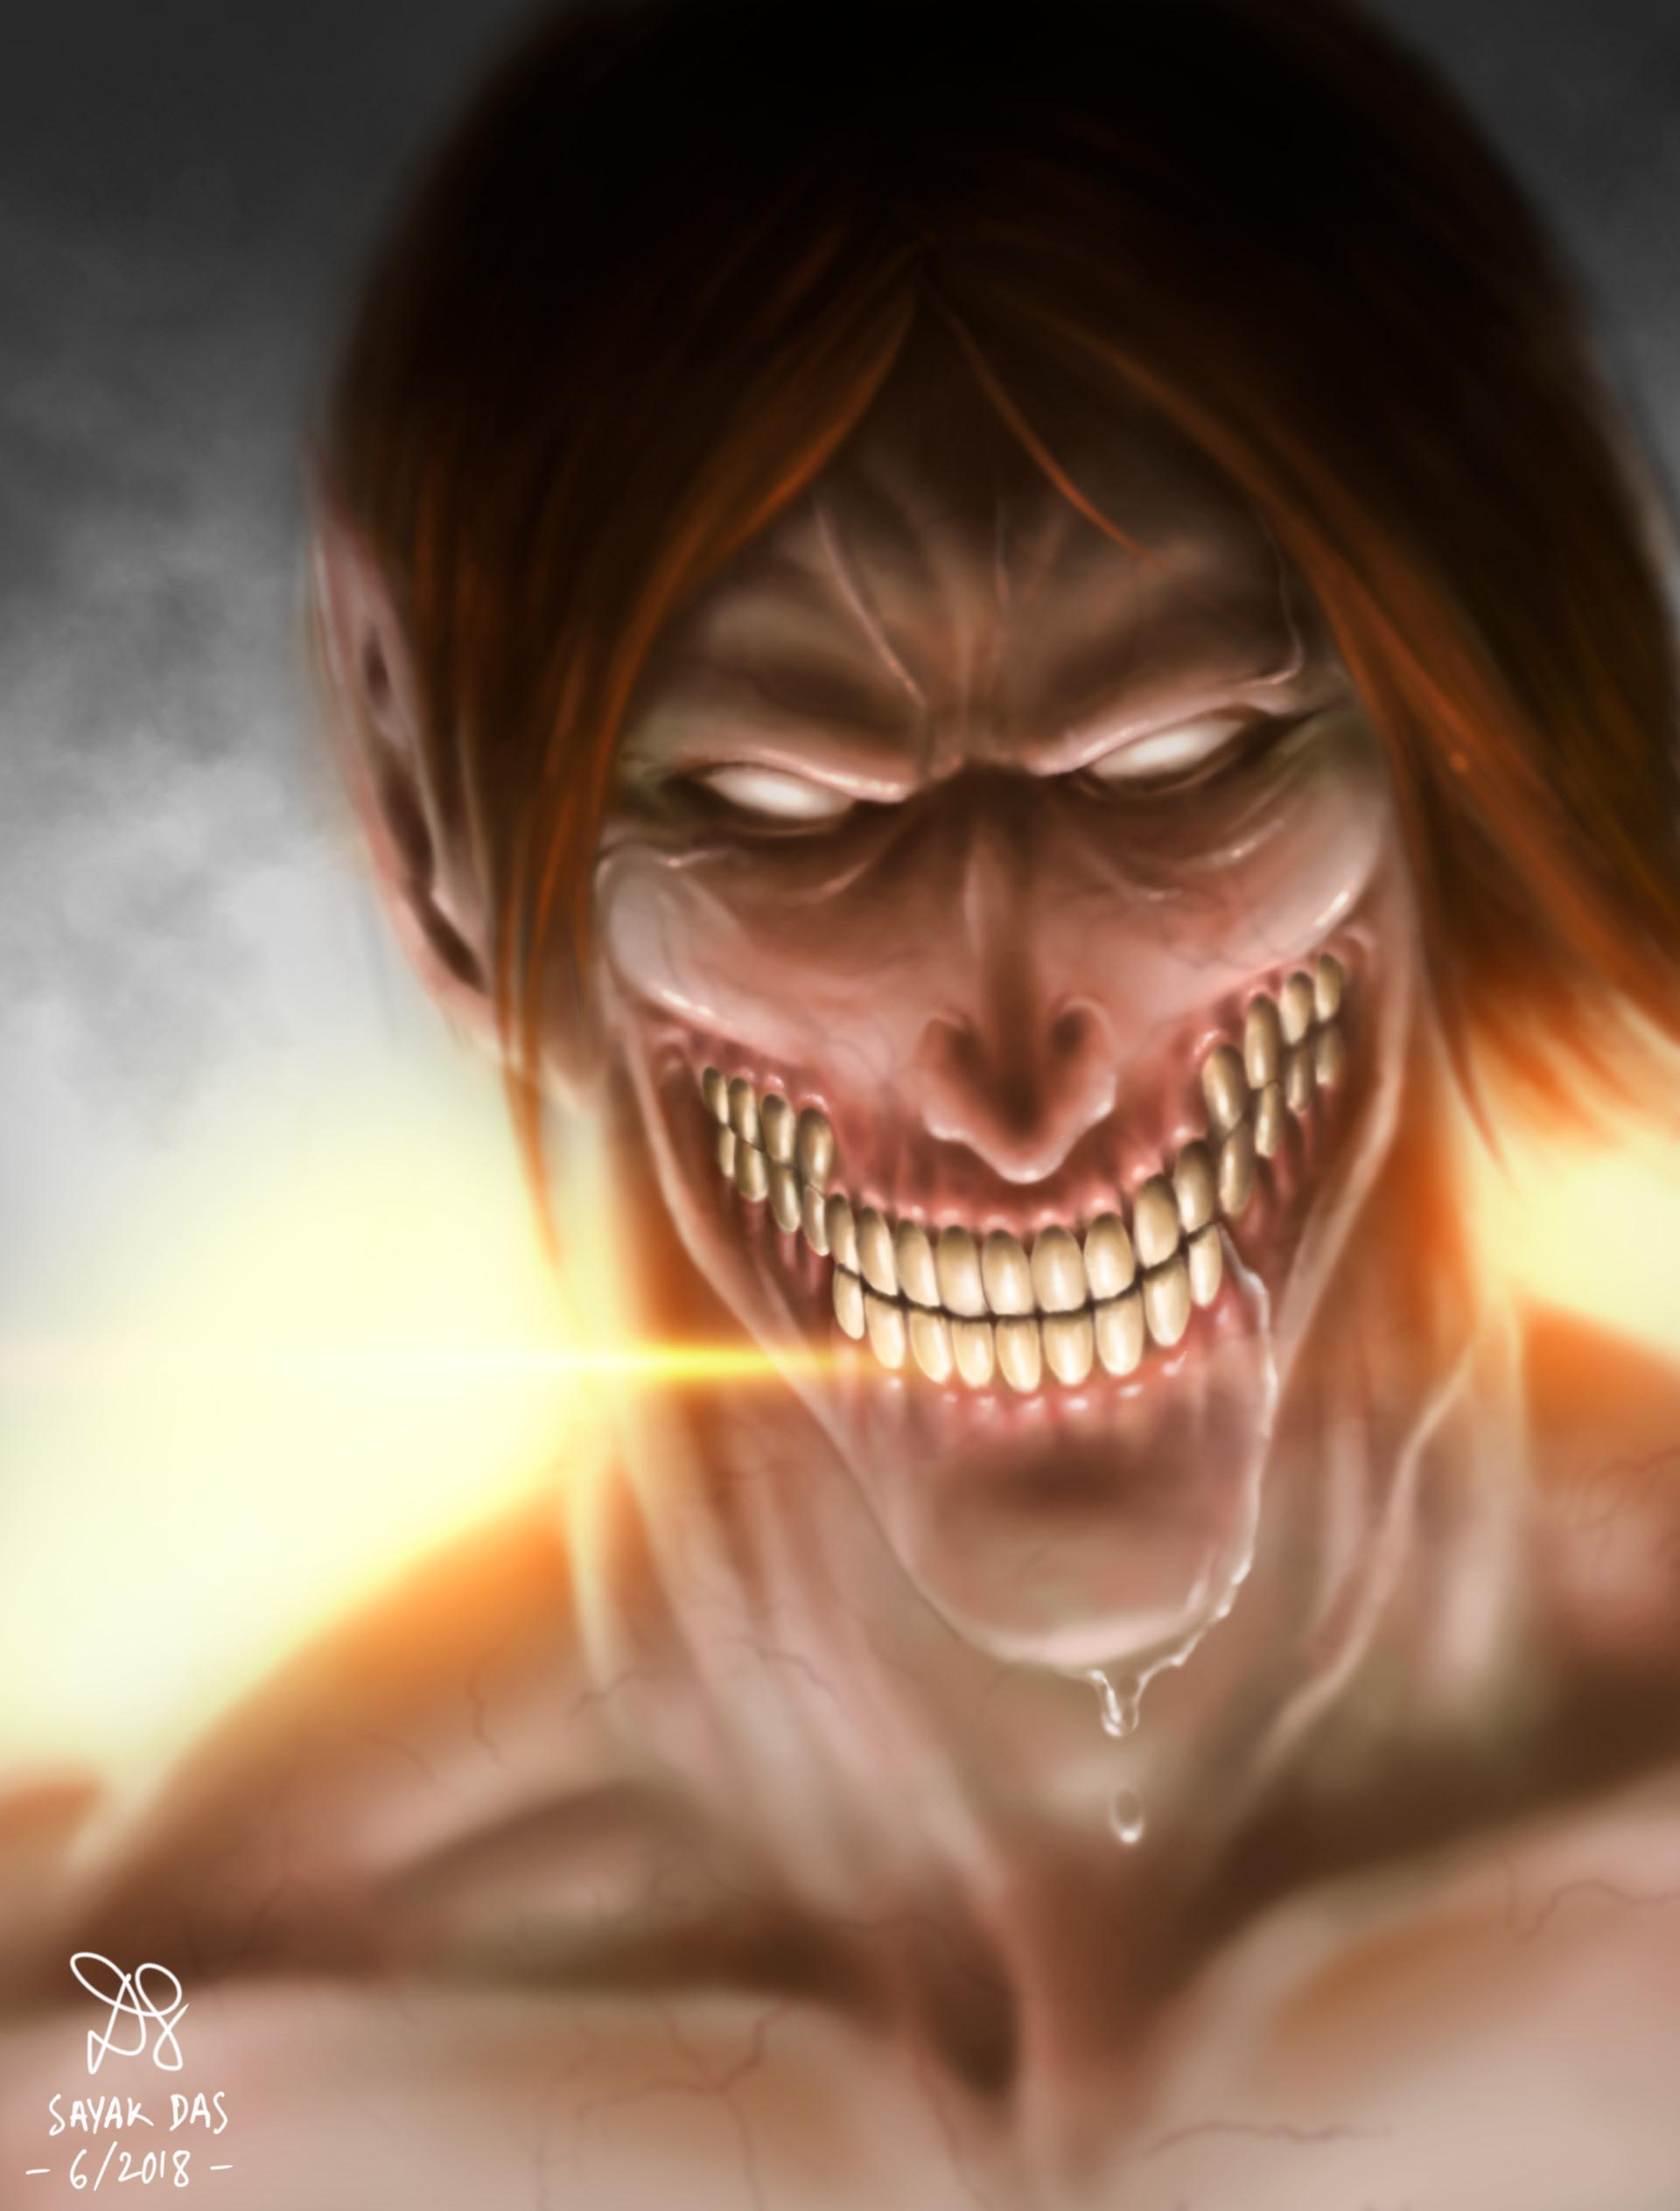 Artstation A Nightmare In Daylight Eren Yeager Titan Form Sayak Das